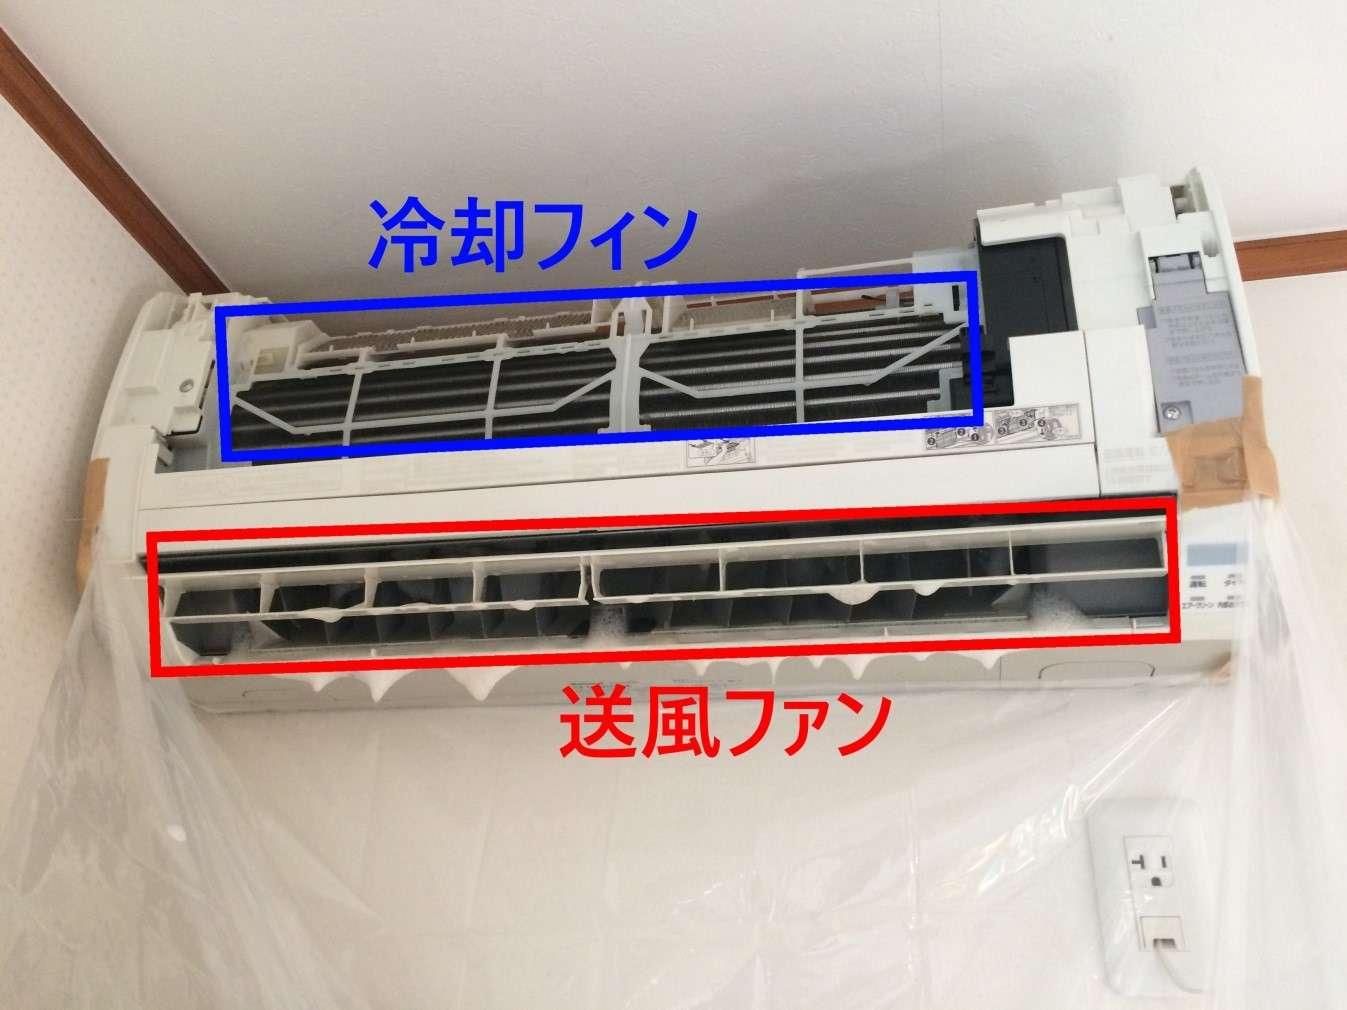 image Ⅰ、エアコンについて